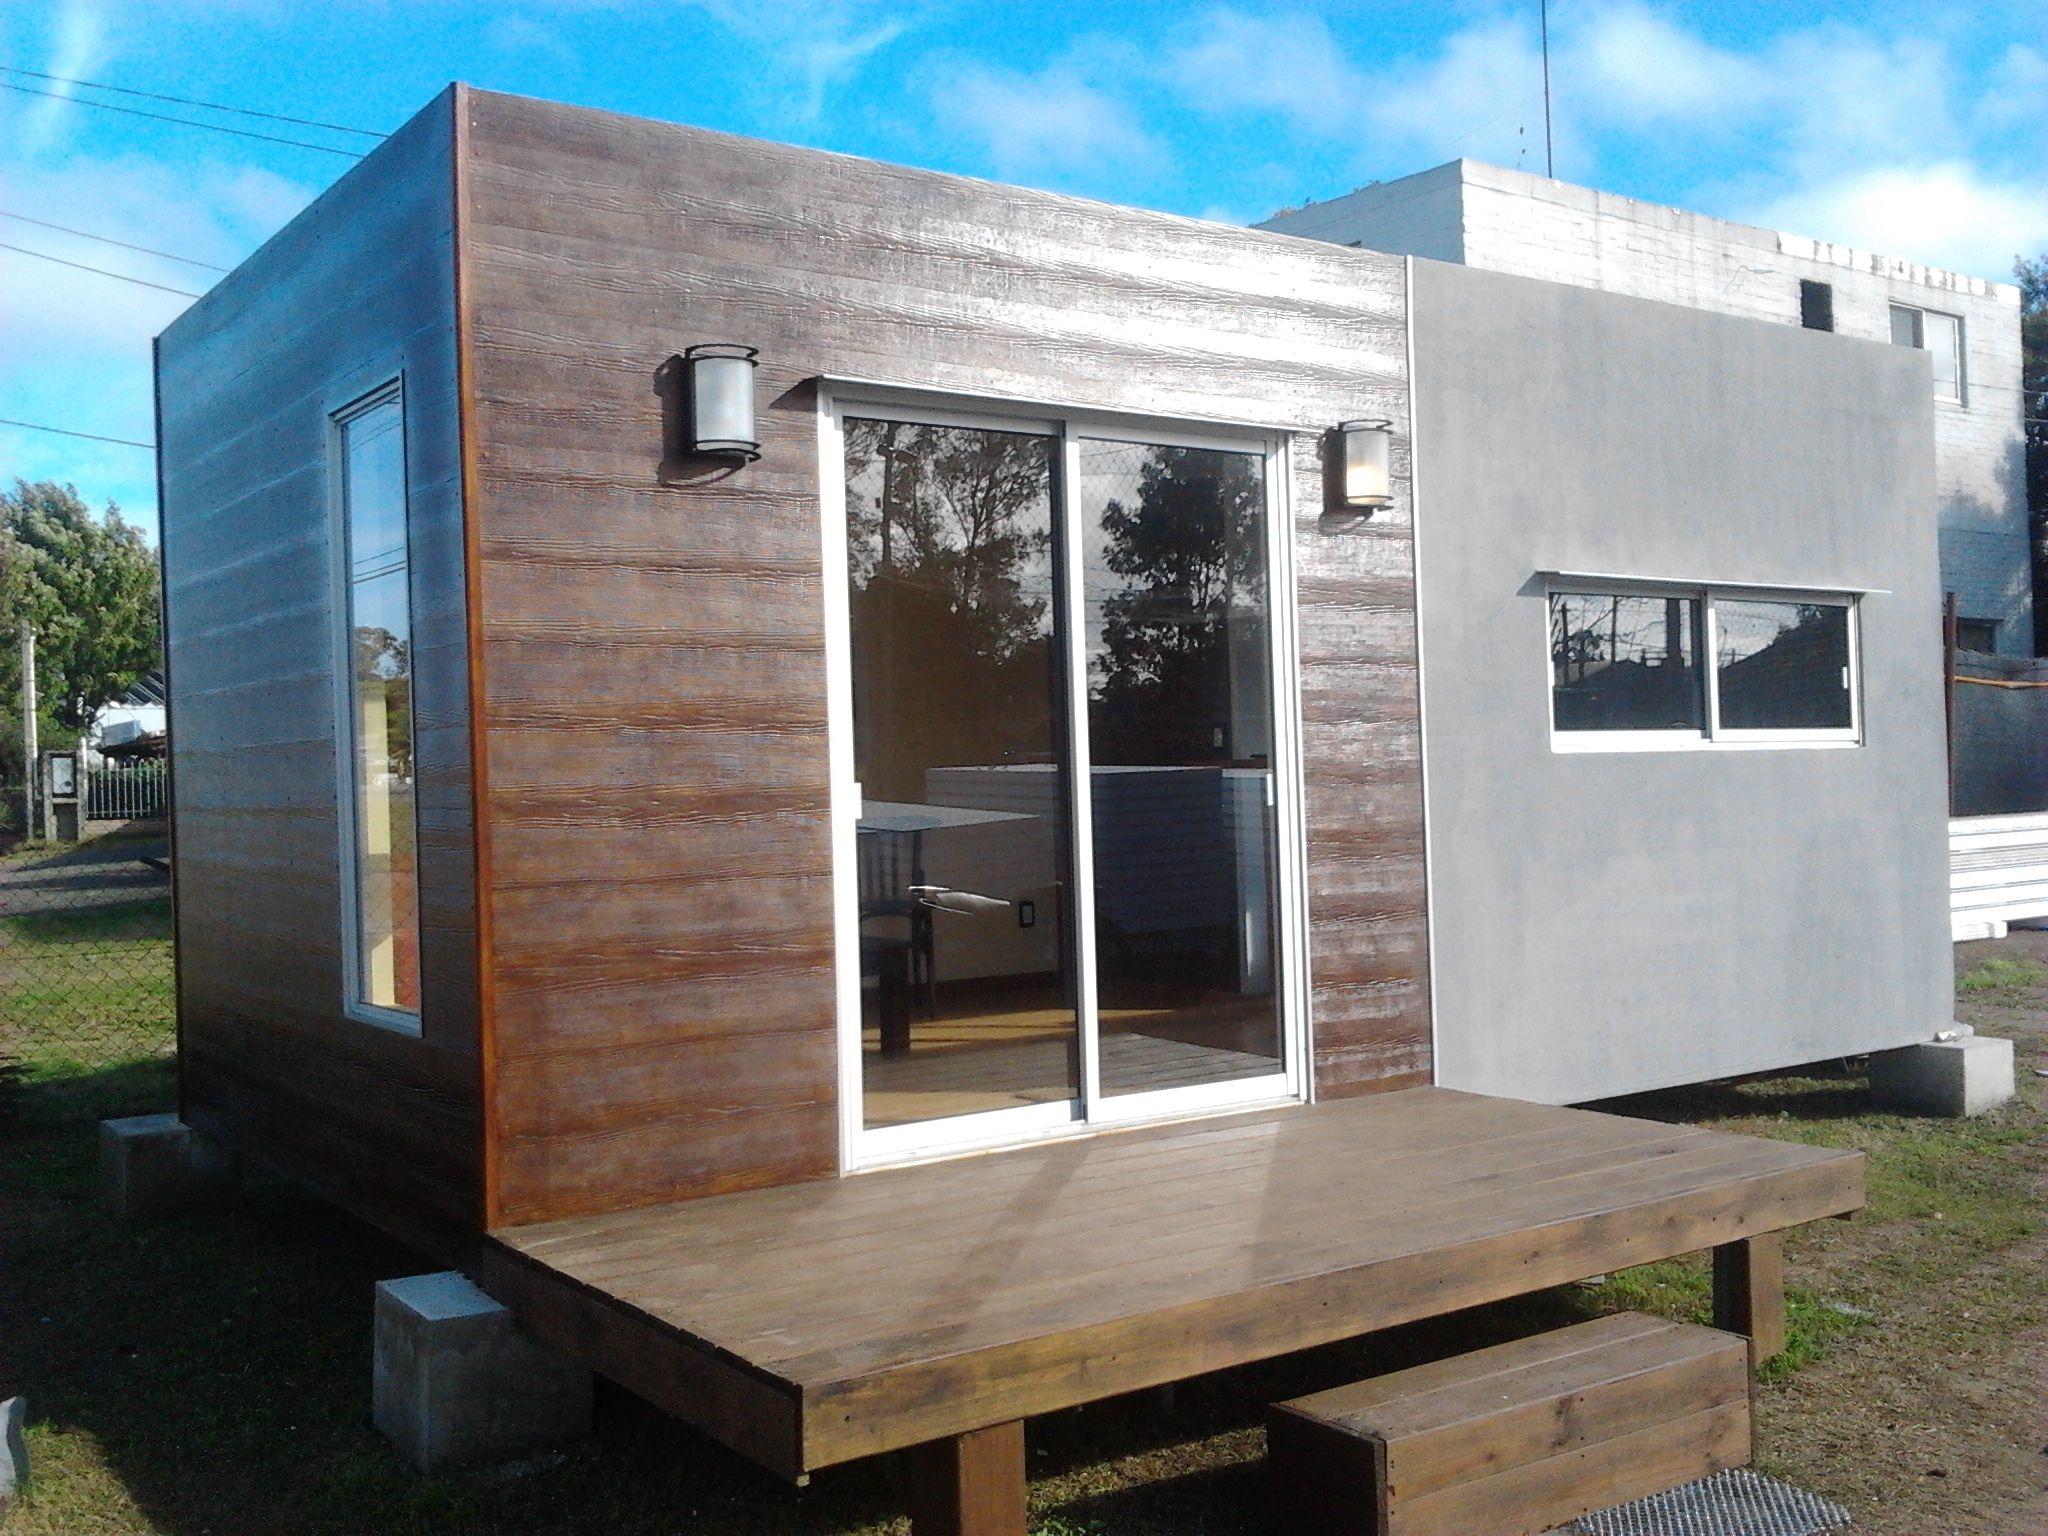 Módulo de 6x3m en Isopanel con deck, revestimiento interior en yeso y exterior con revoque y madera.